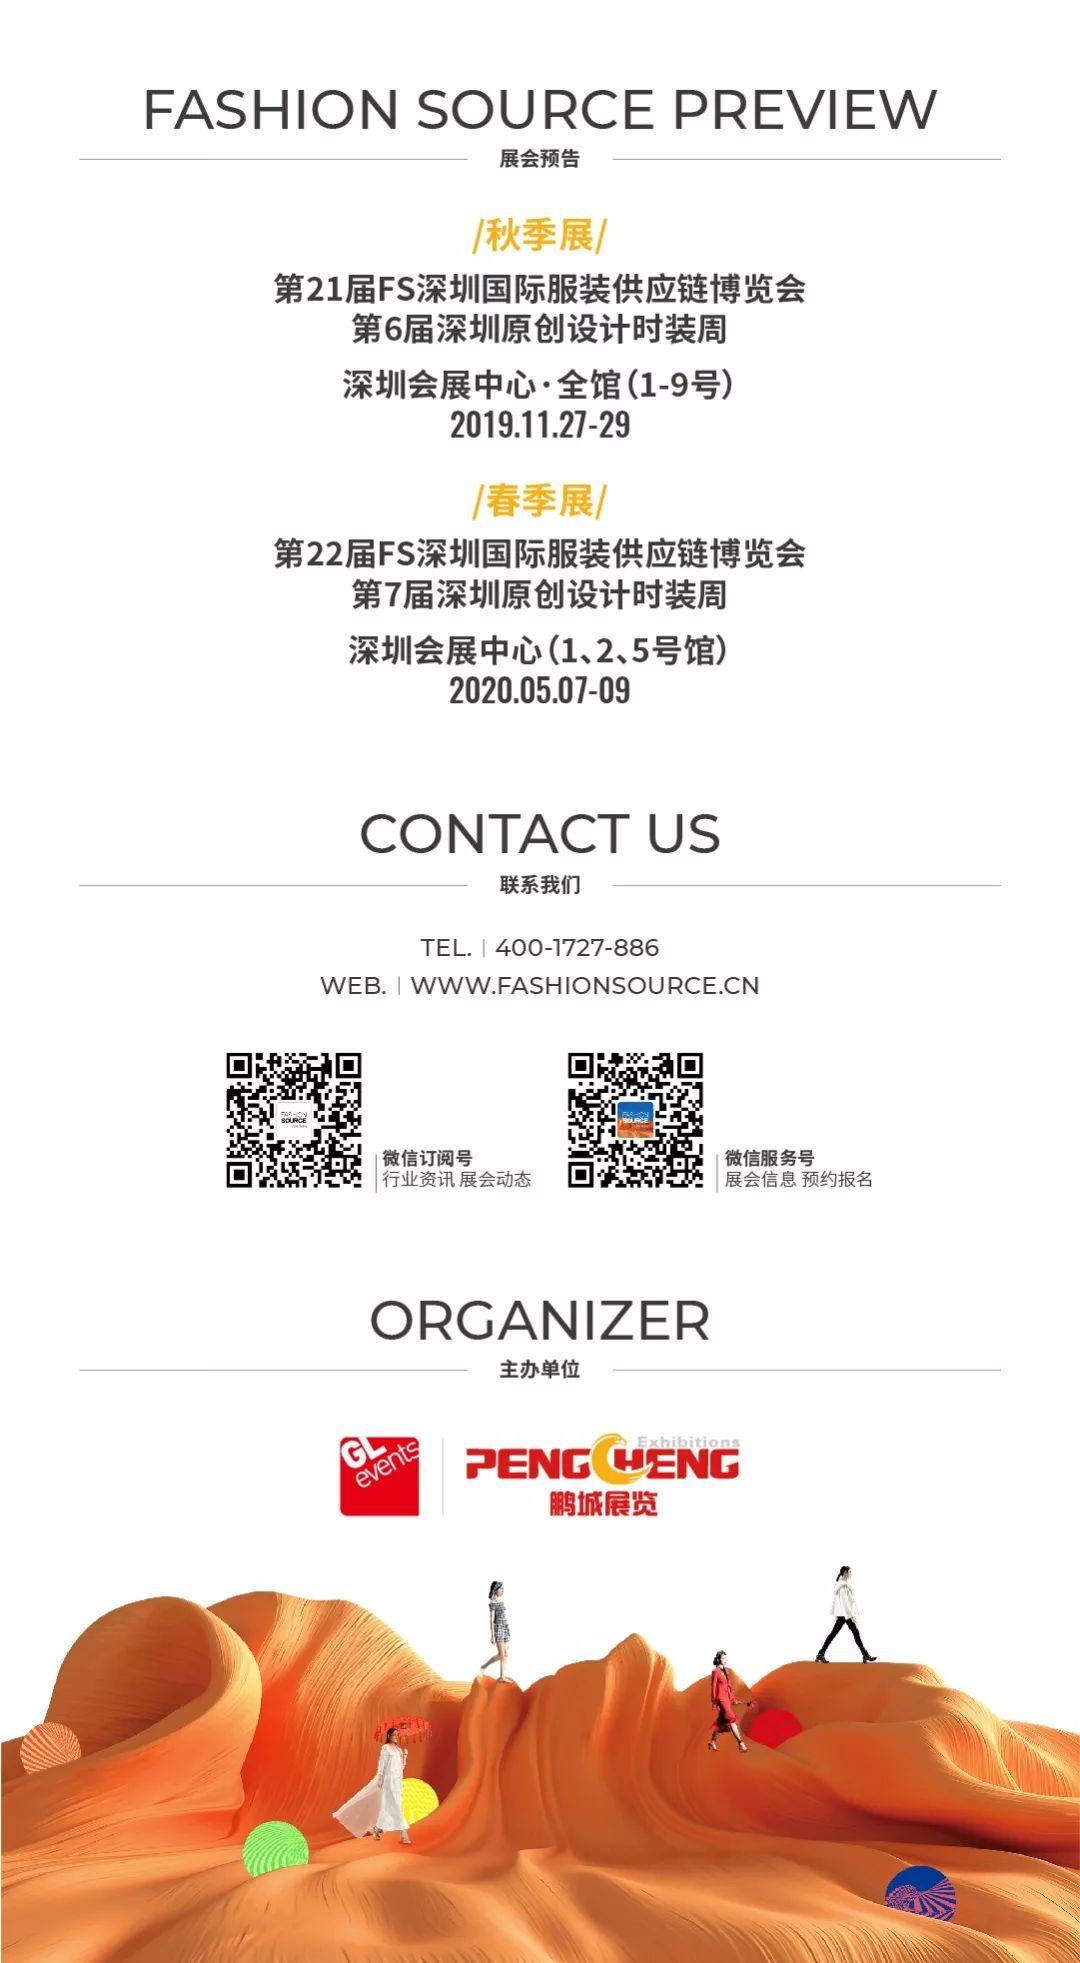 微信图片_20191202091212.jpg